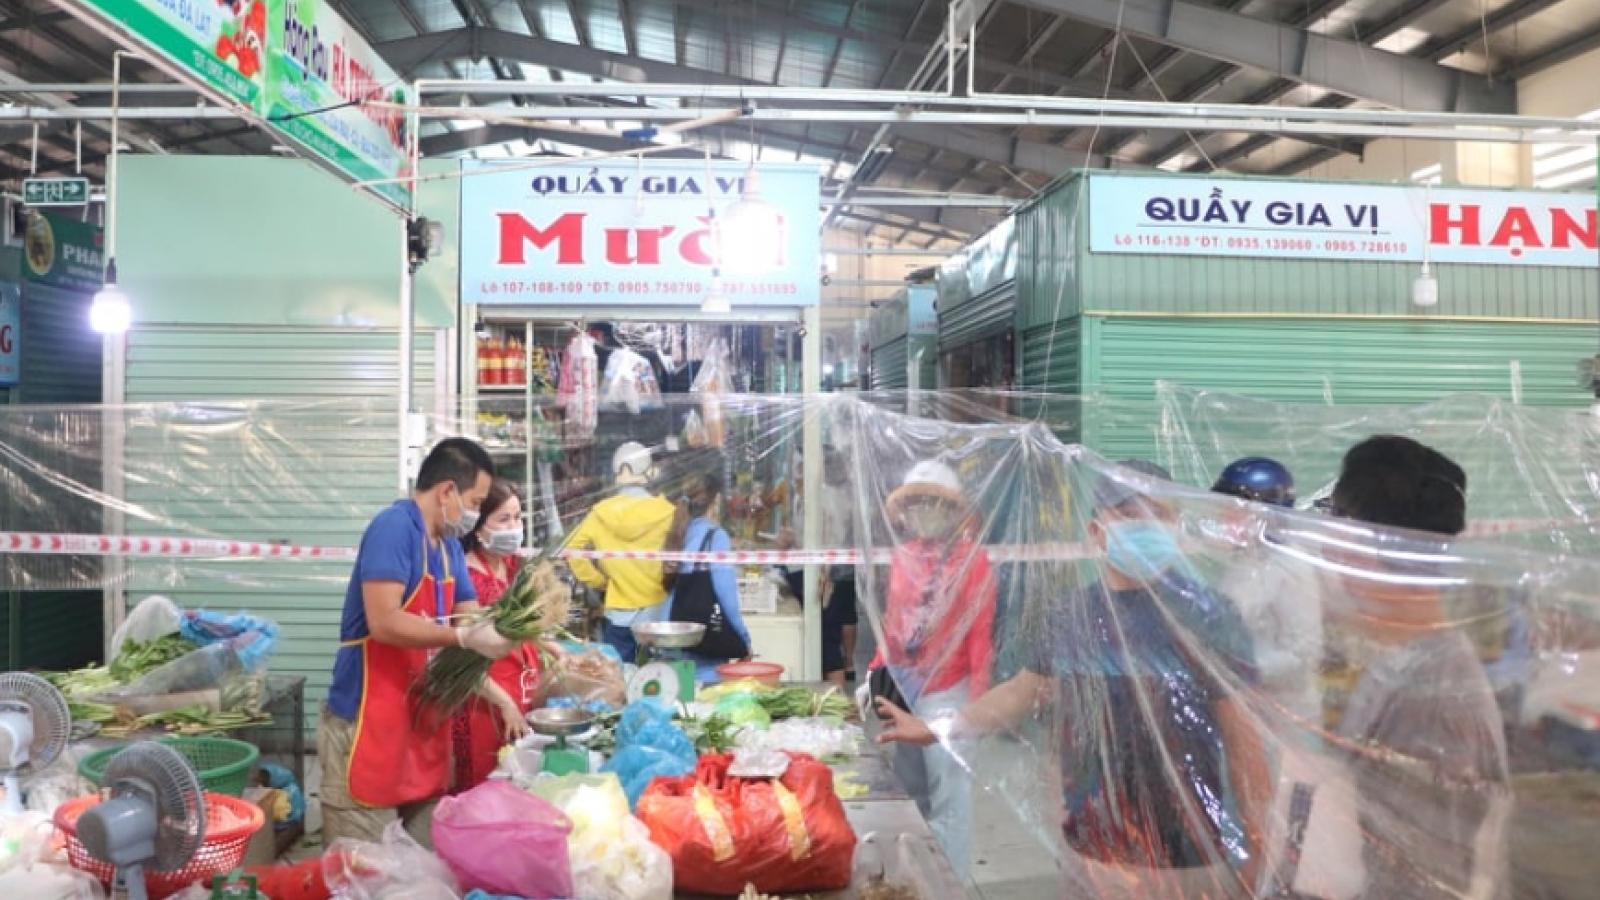 Đà Nẵng mở lại một số chợ truyền thống, người dân mua sắm theo cách mới